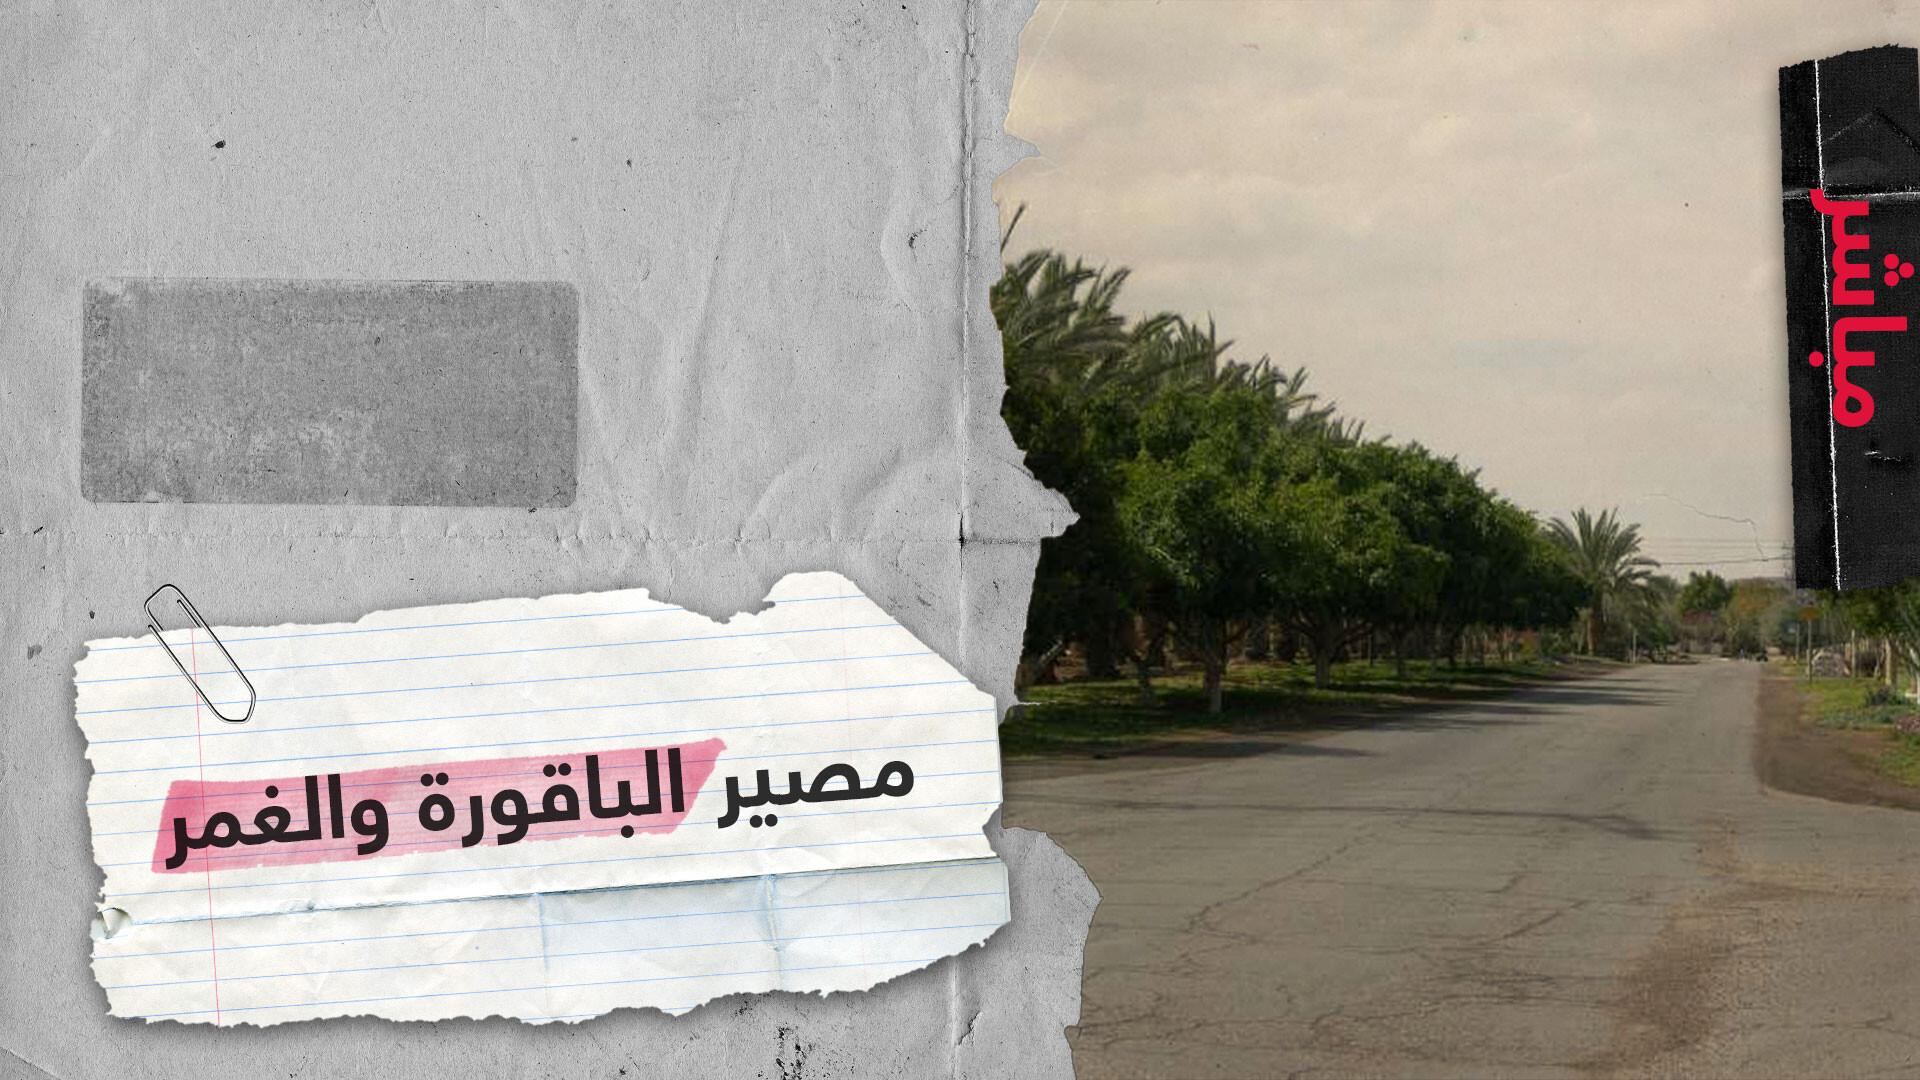 """بعد عقود من الاحتلال و""""التأجير"""" الإسرائيلي.. الأردن ينتظر استعادة الباقورة والغمر"""